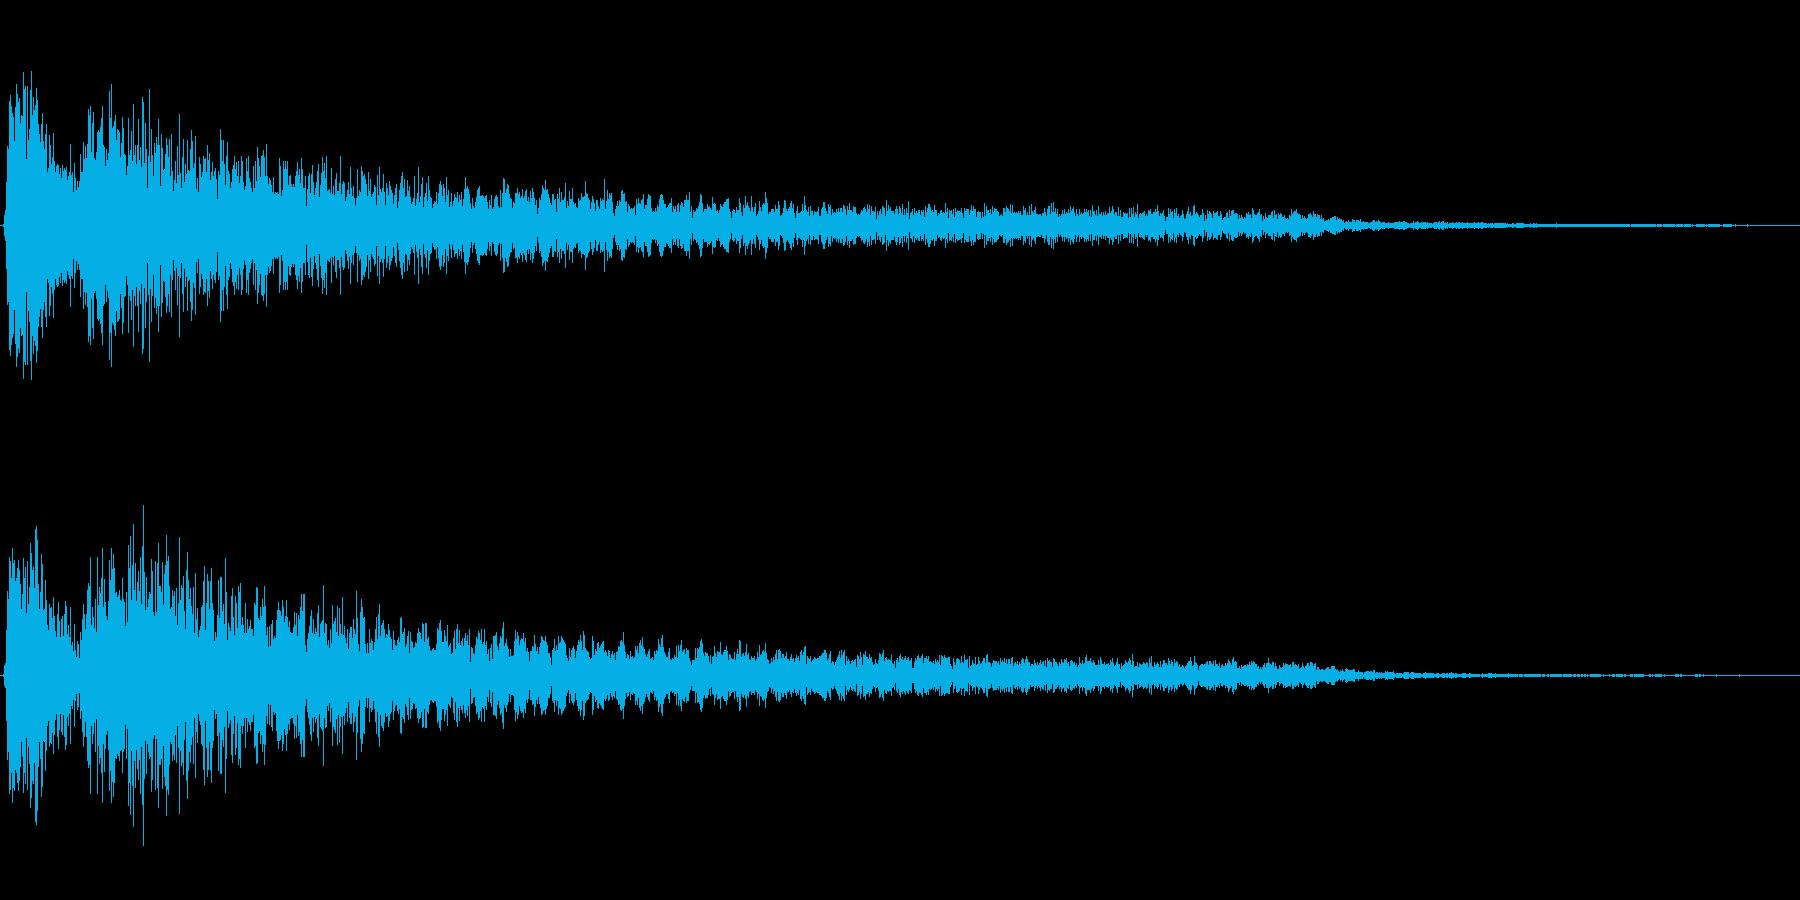 ダダーン(ホラーに適した不穏なピアノ音)の再生済みの波形